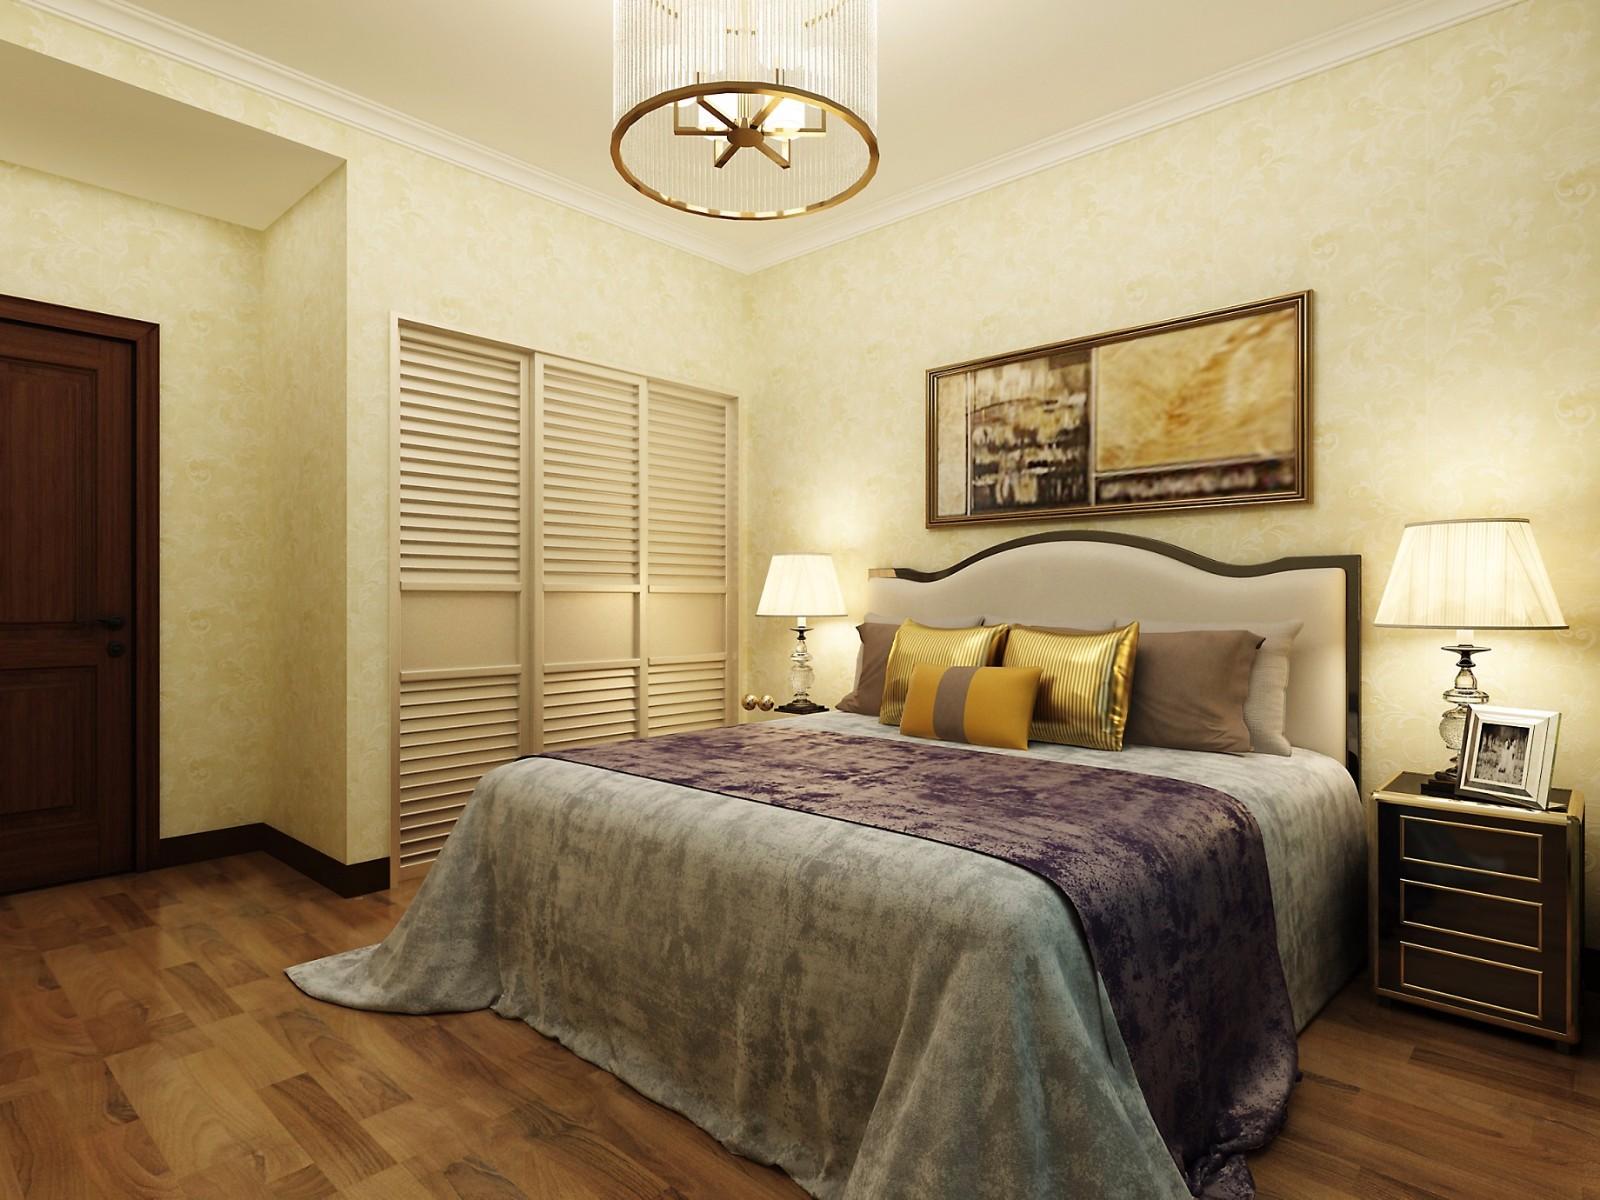 112平米混搭風格臥室裝修效果圖